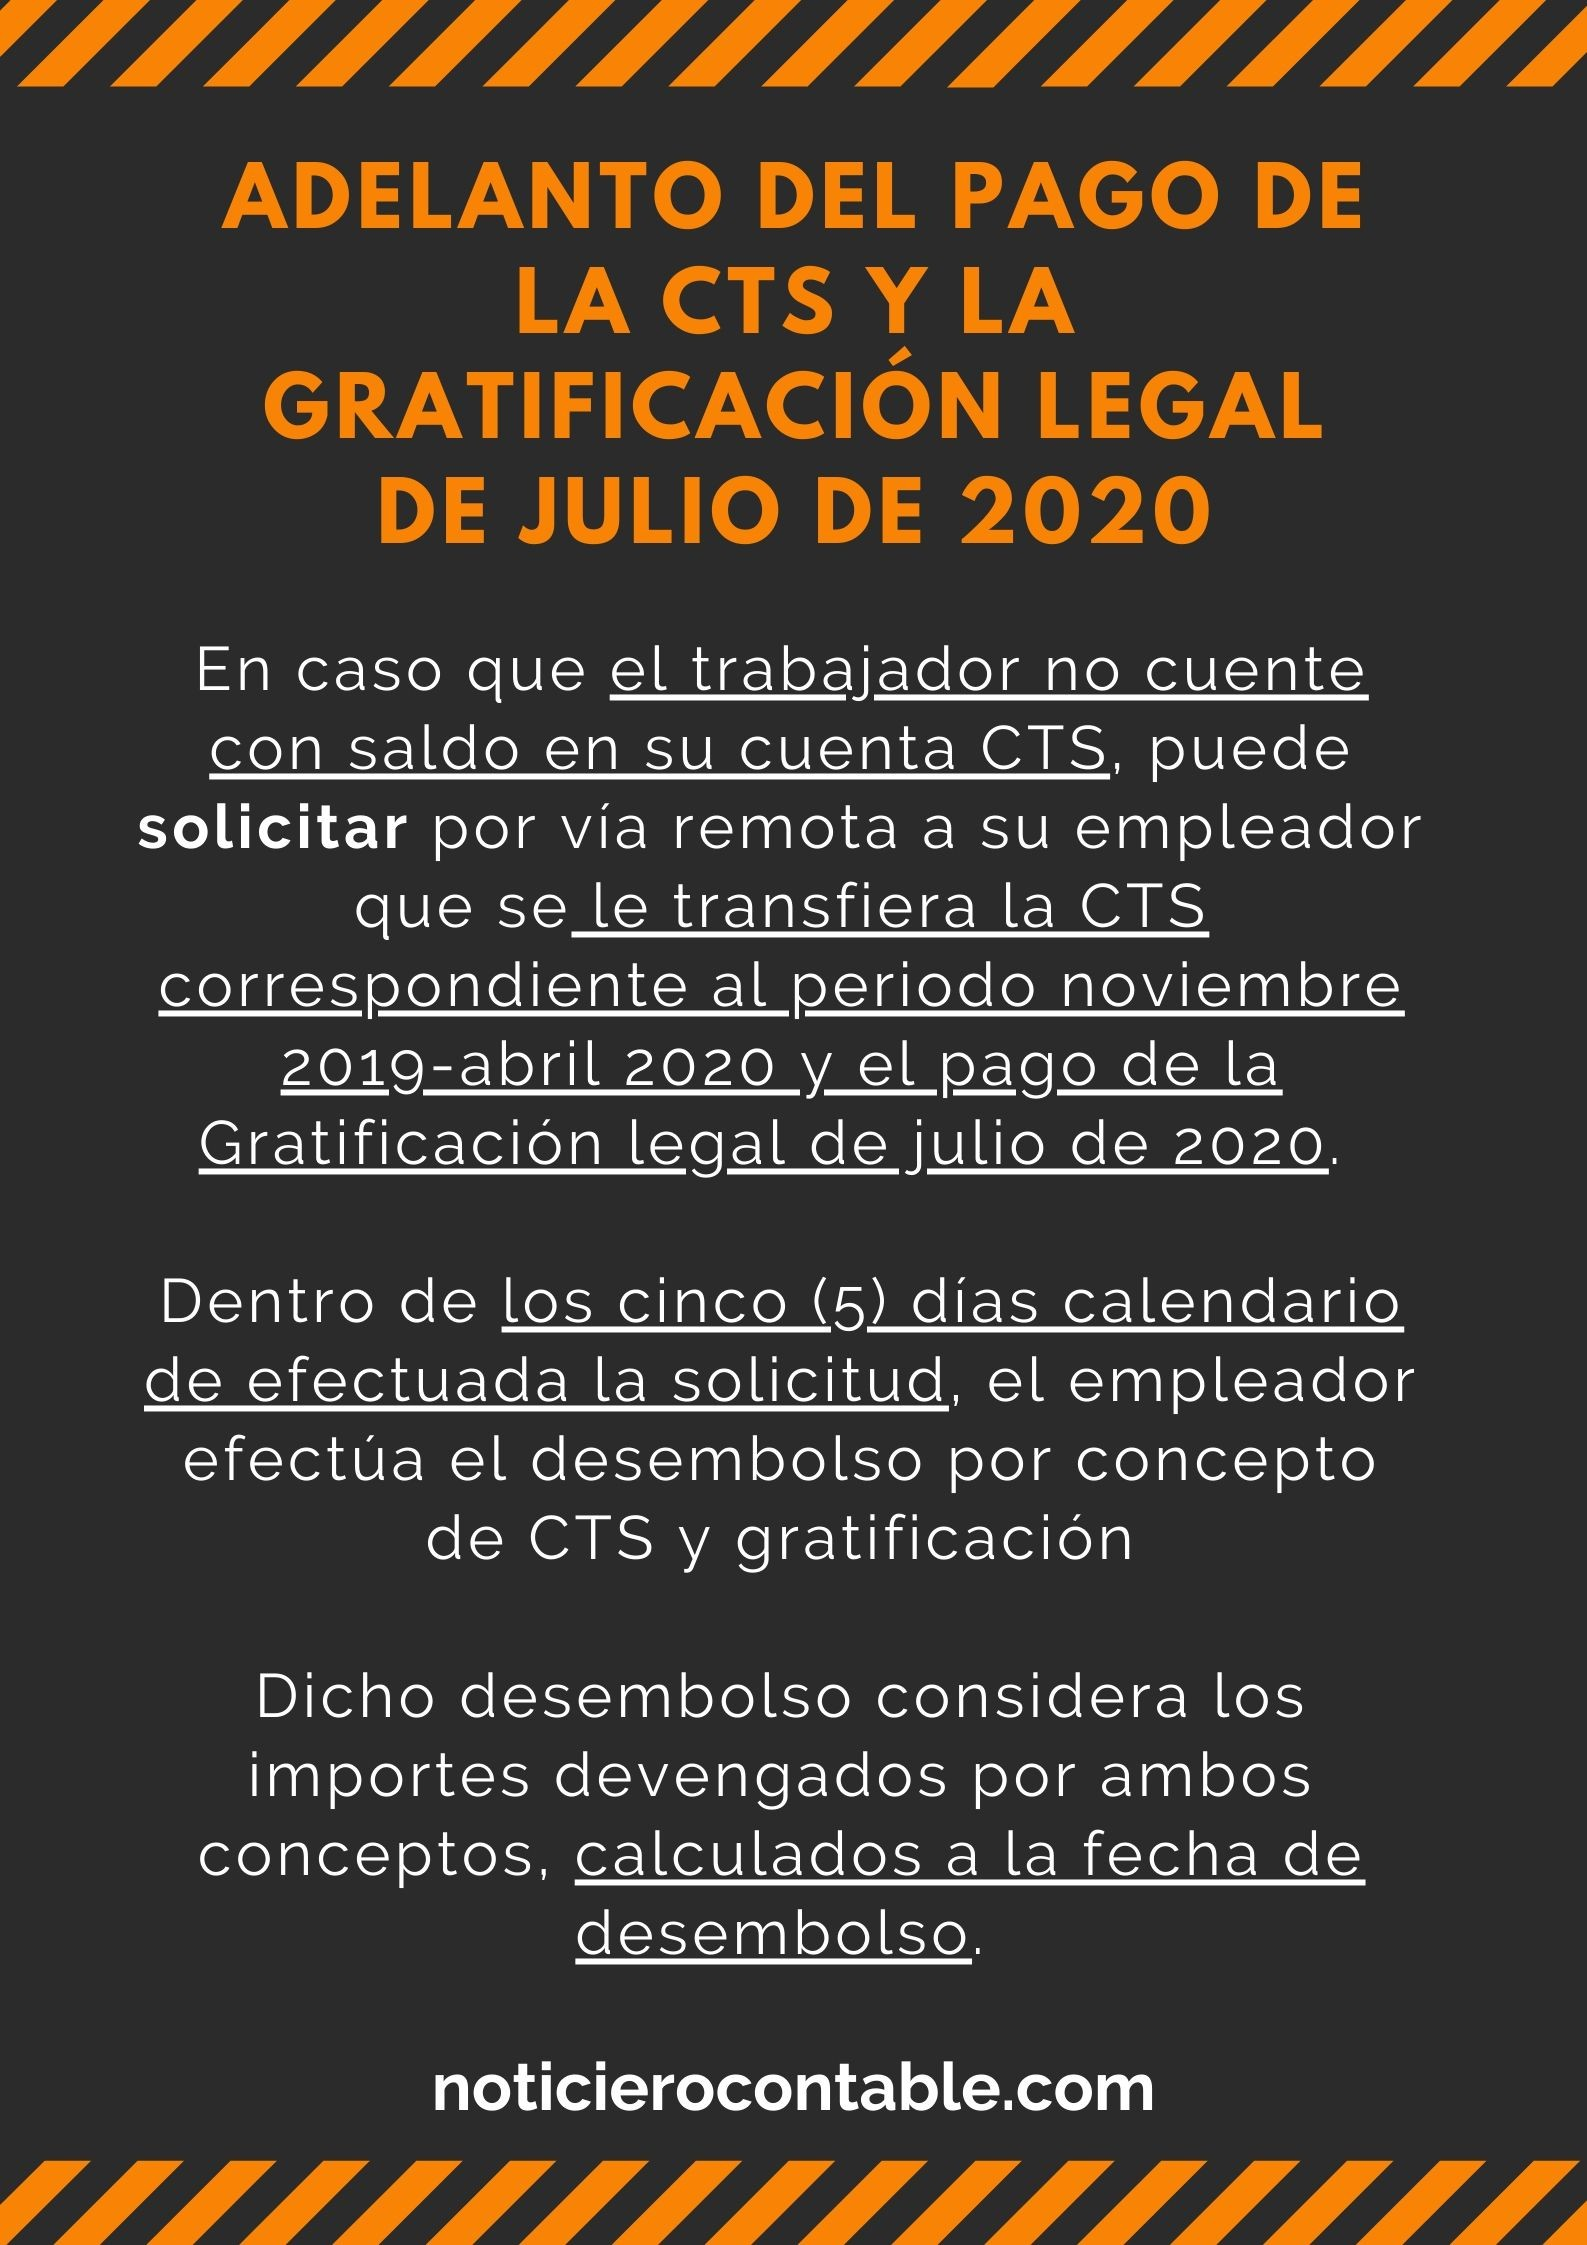 Adelanto del pago de la CTS y la Gratificacion